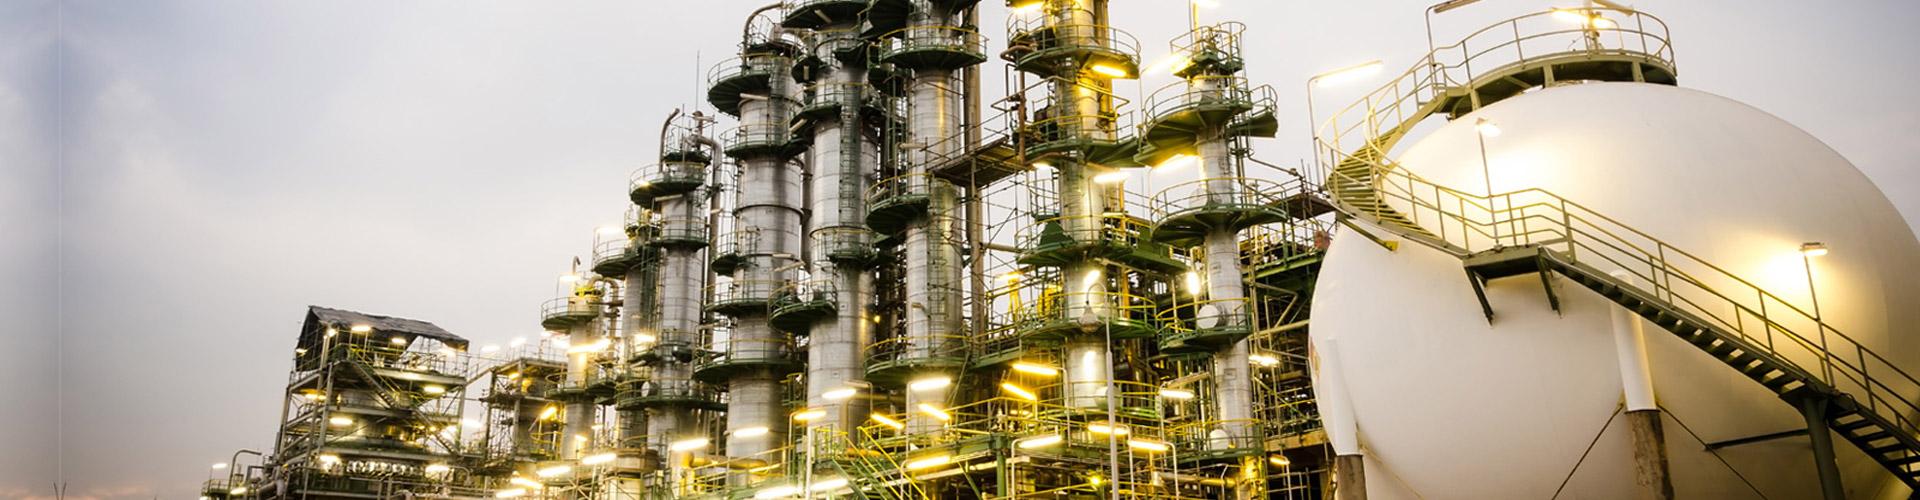 Imperial Gulf Dubai - Marine diesel supplier, Bunkering